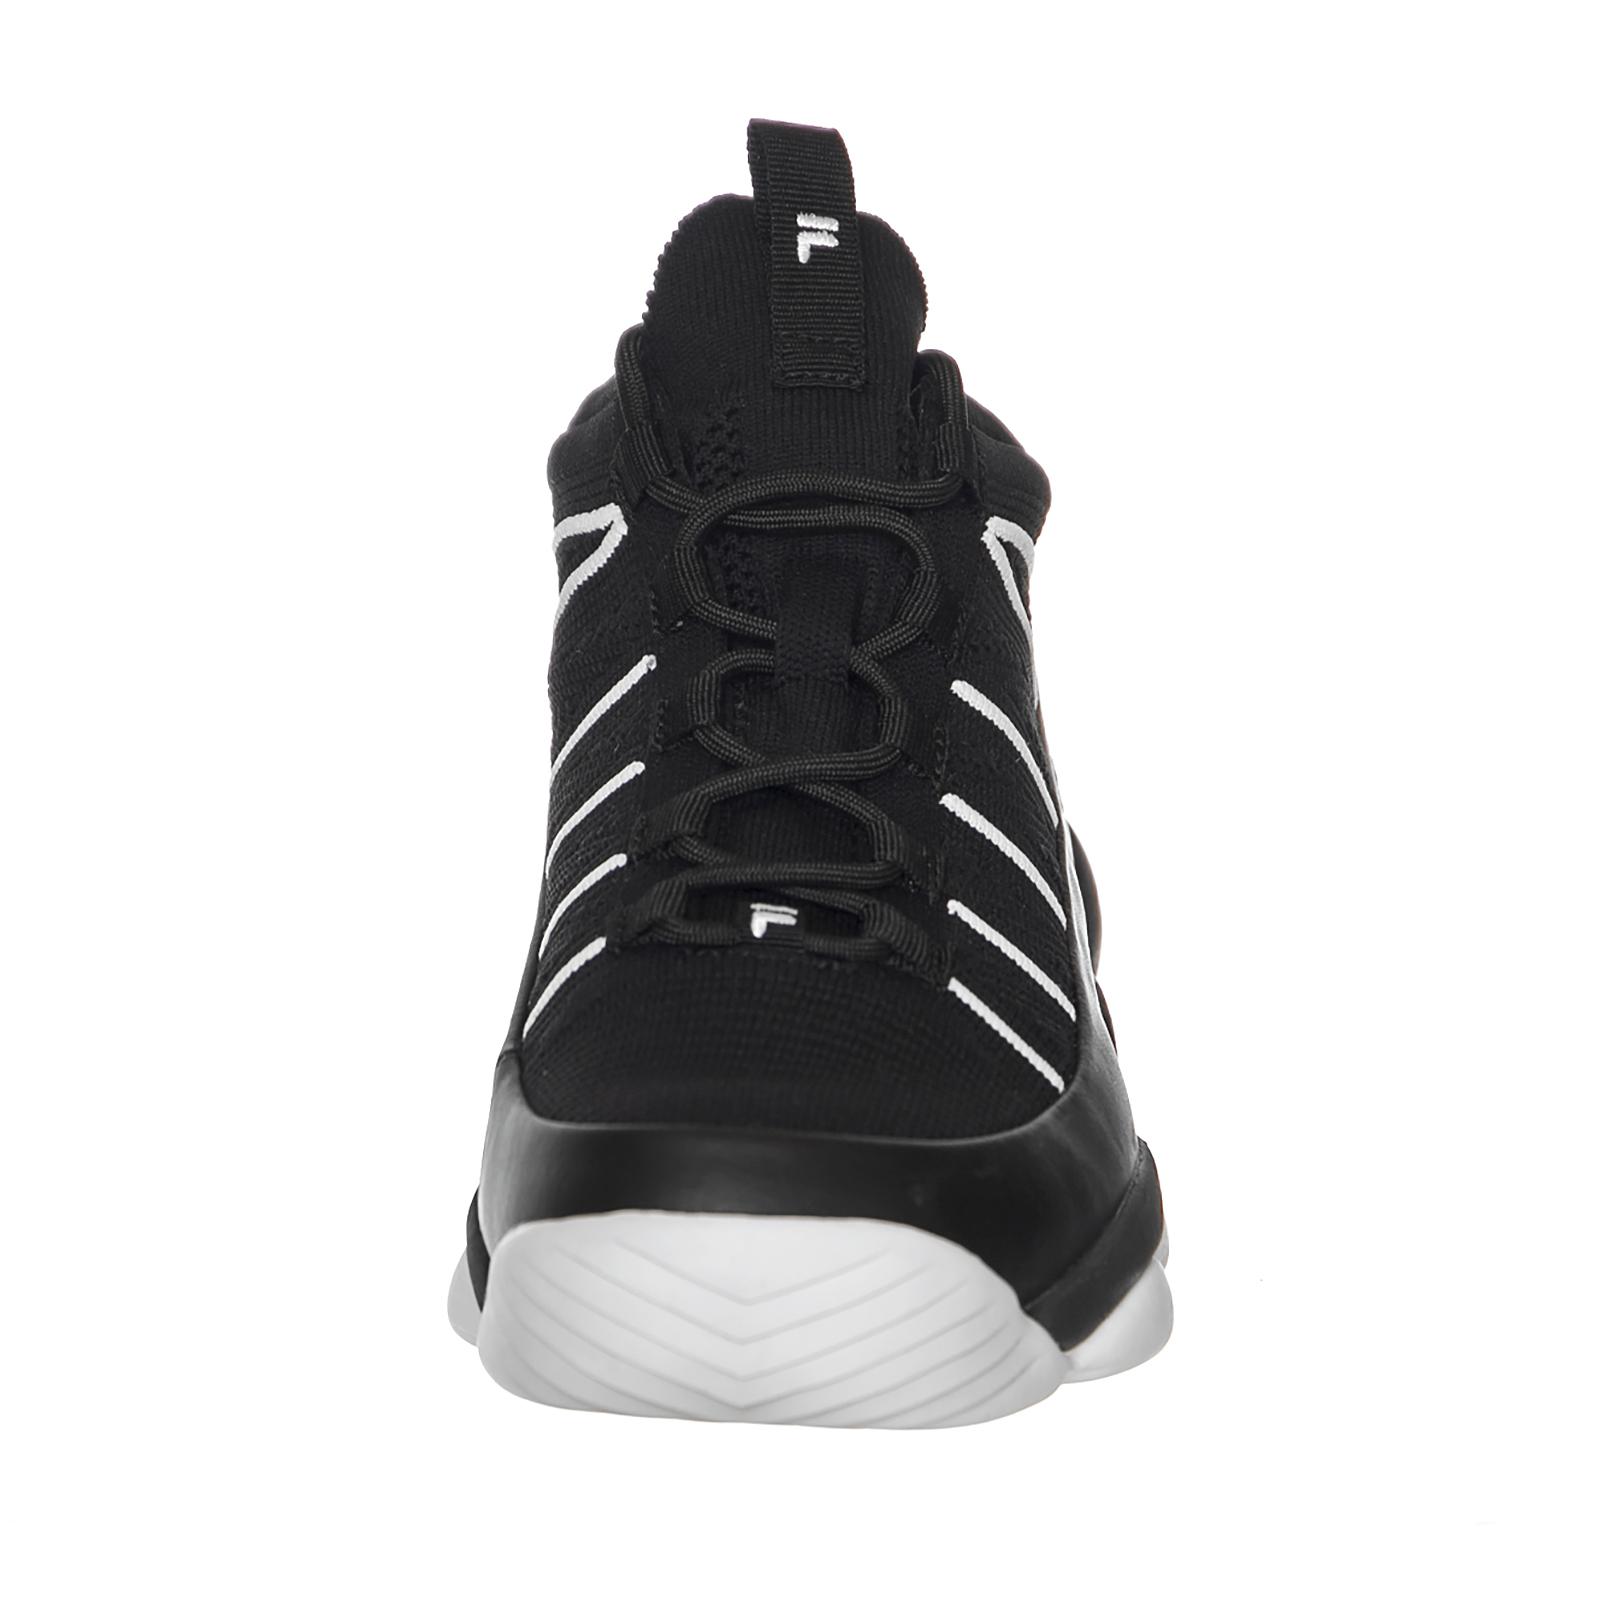 best website 92d79 b3d9b ... Nike Air Air Air Jordan 5 Retro White Metallic Silver 136027-130 Size  12- ...